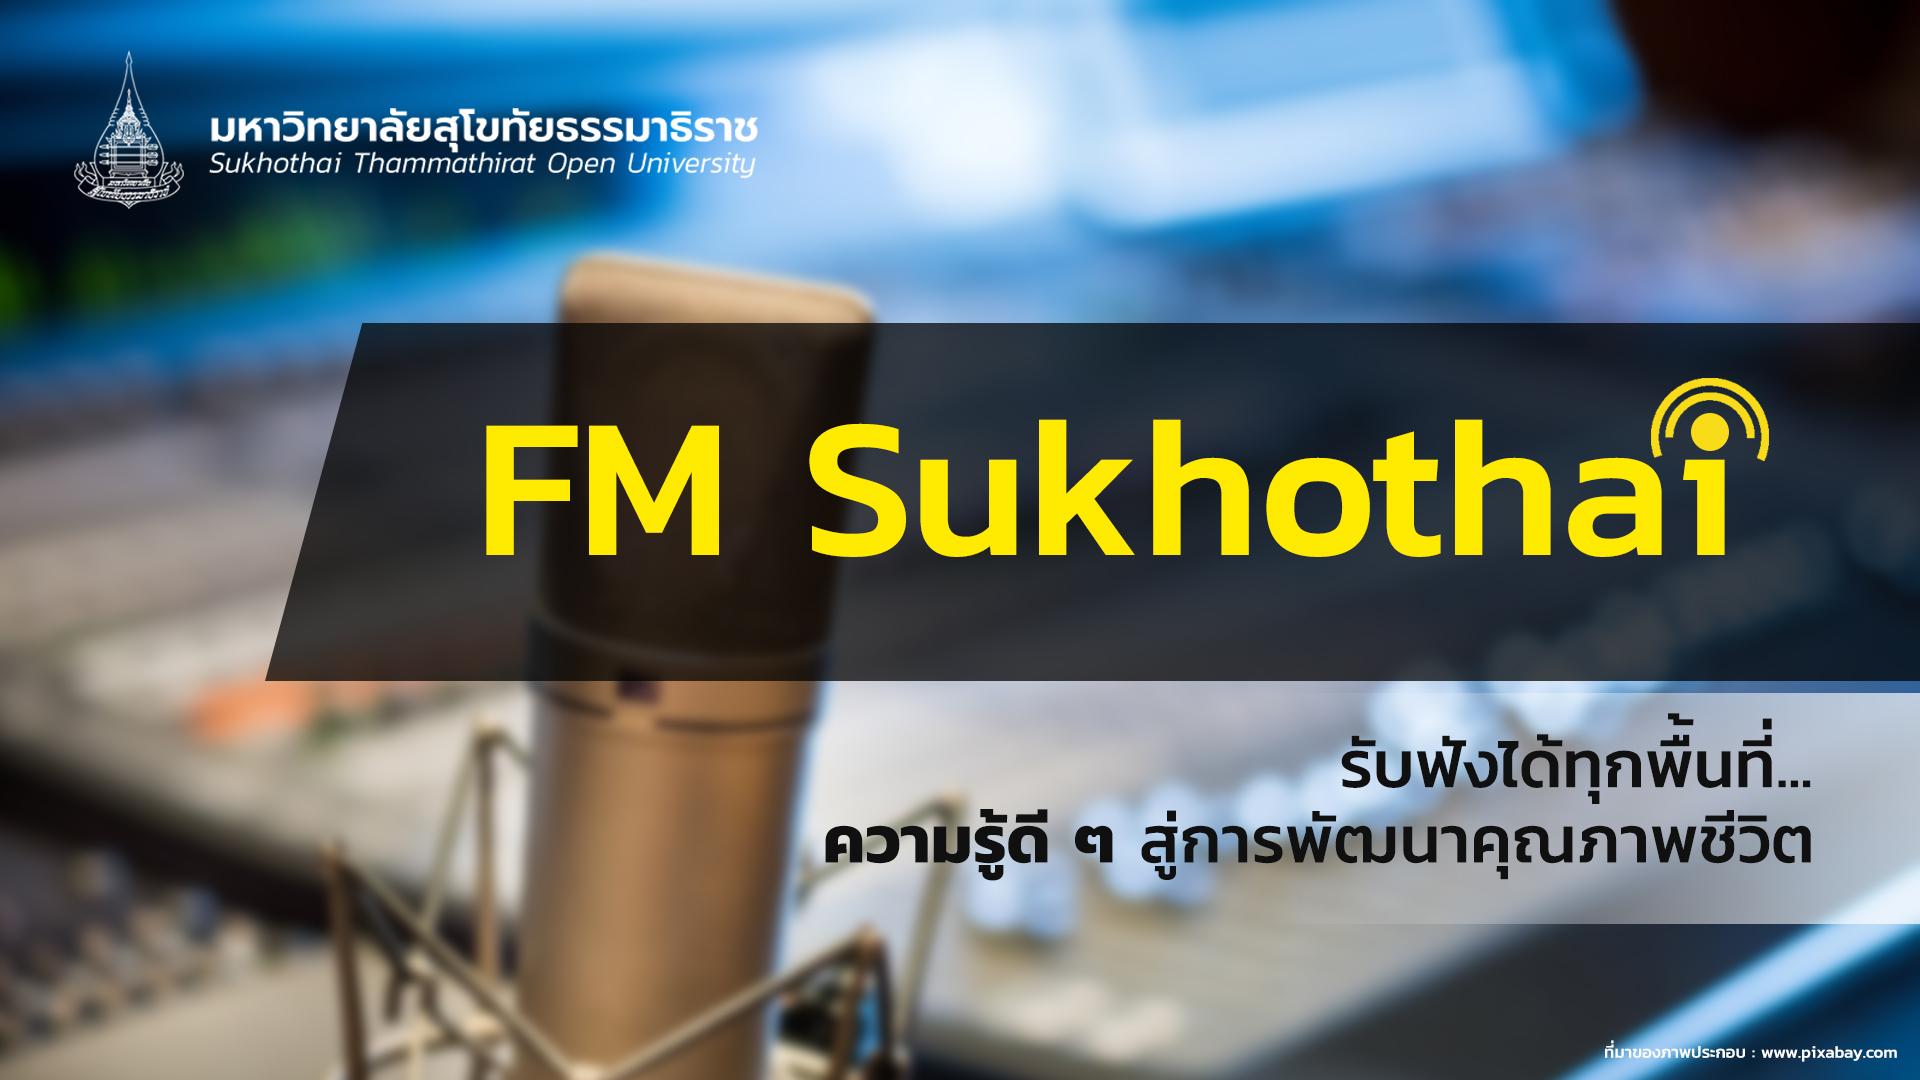 32310 ตลาดการเงิน สถาบัน และนโยบายการเงิน รายการที่ 8